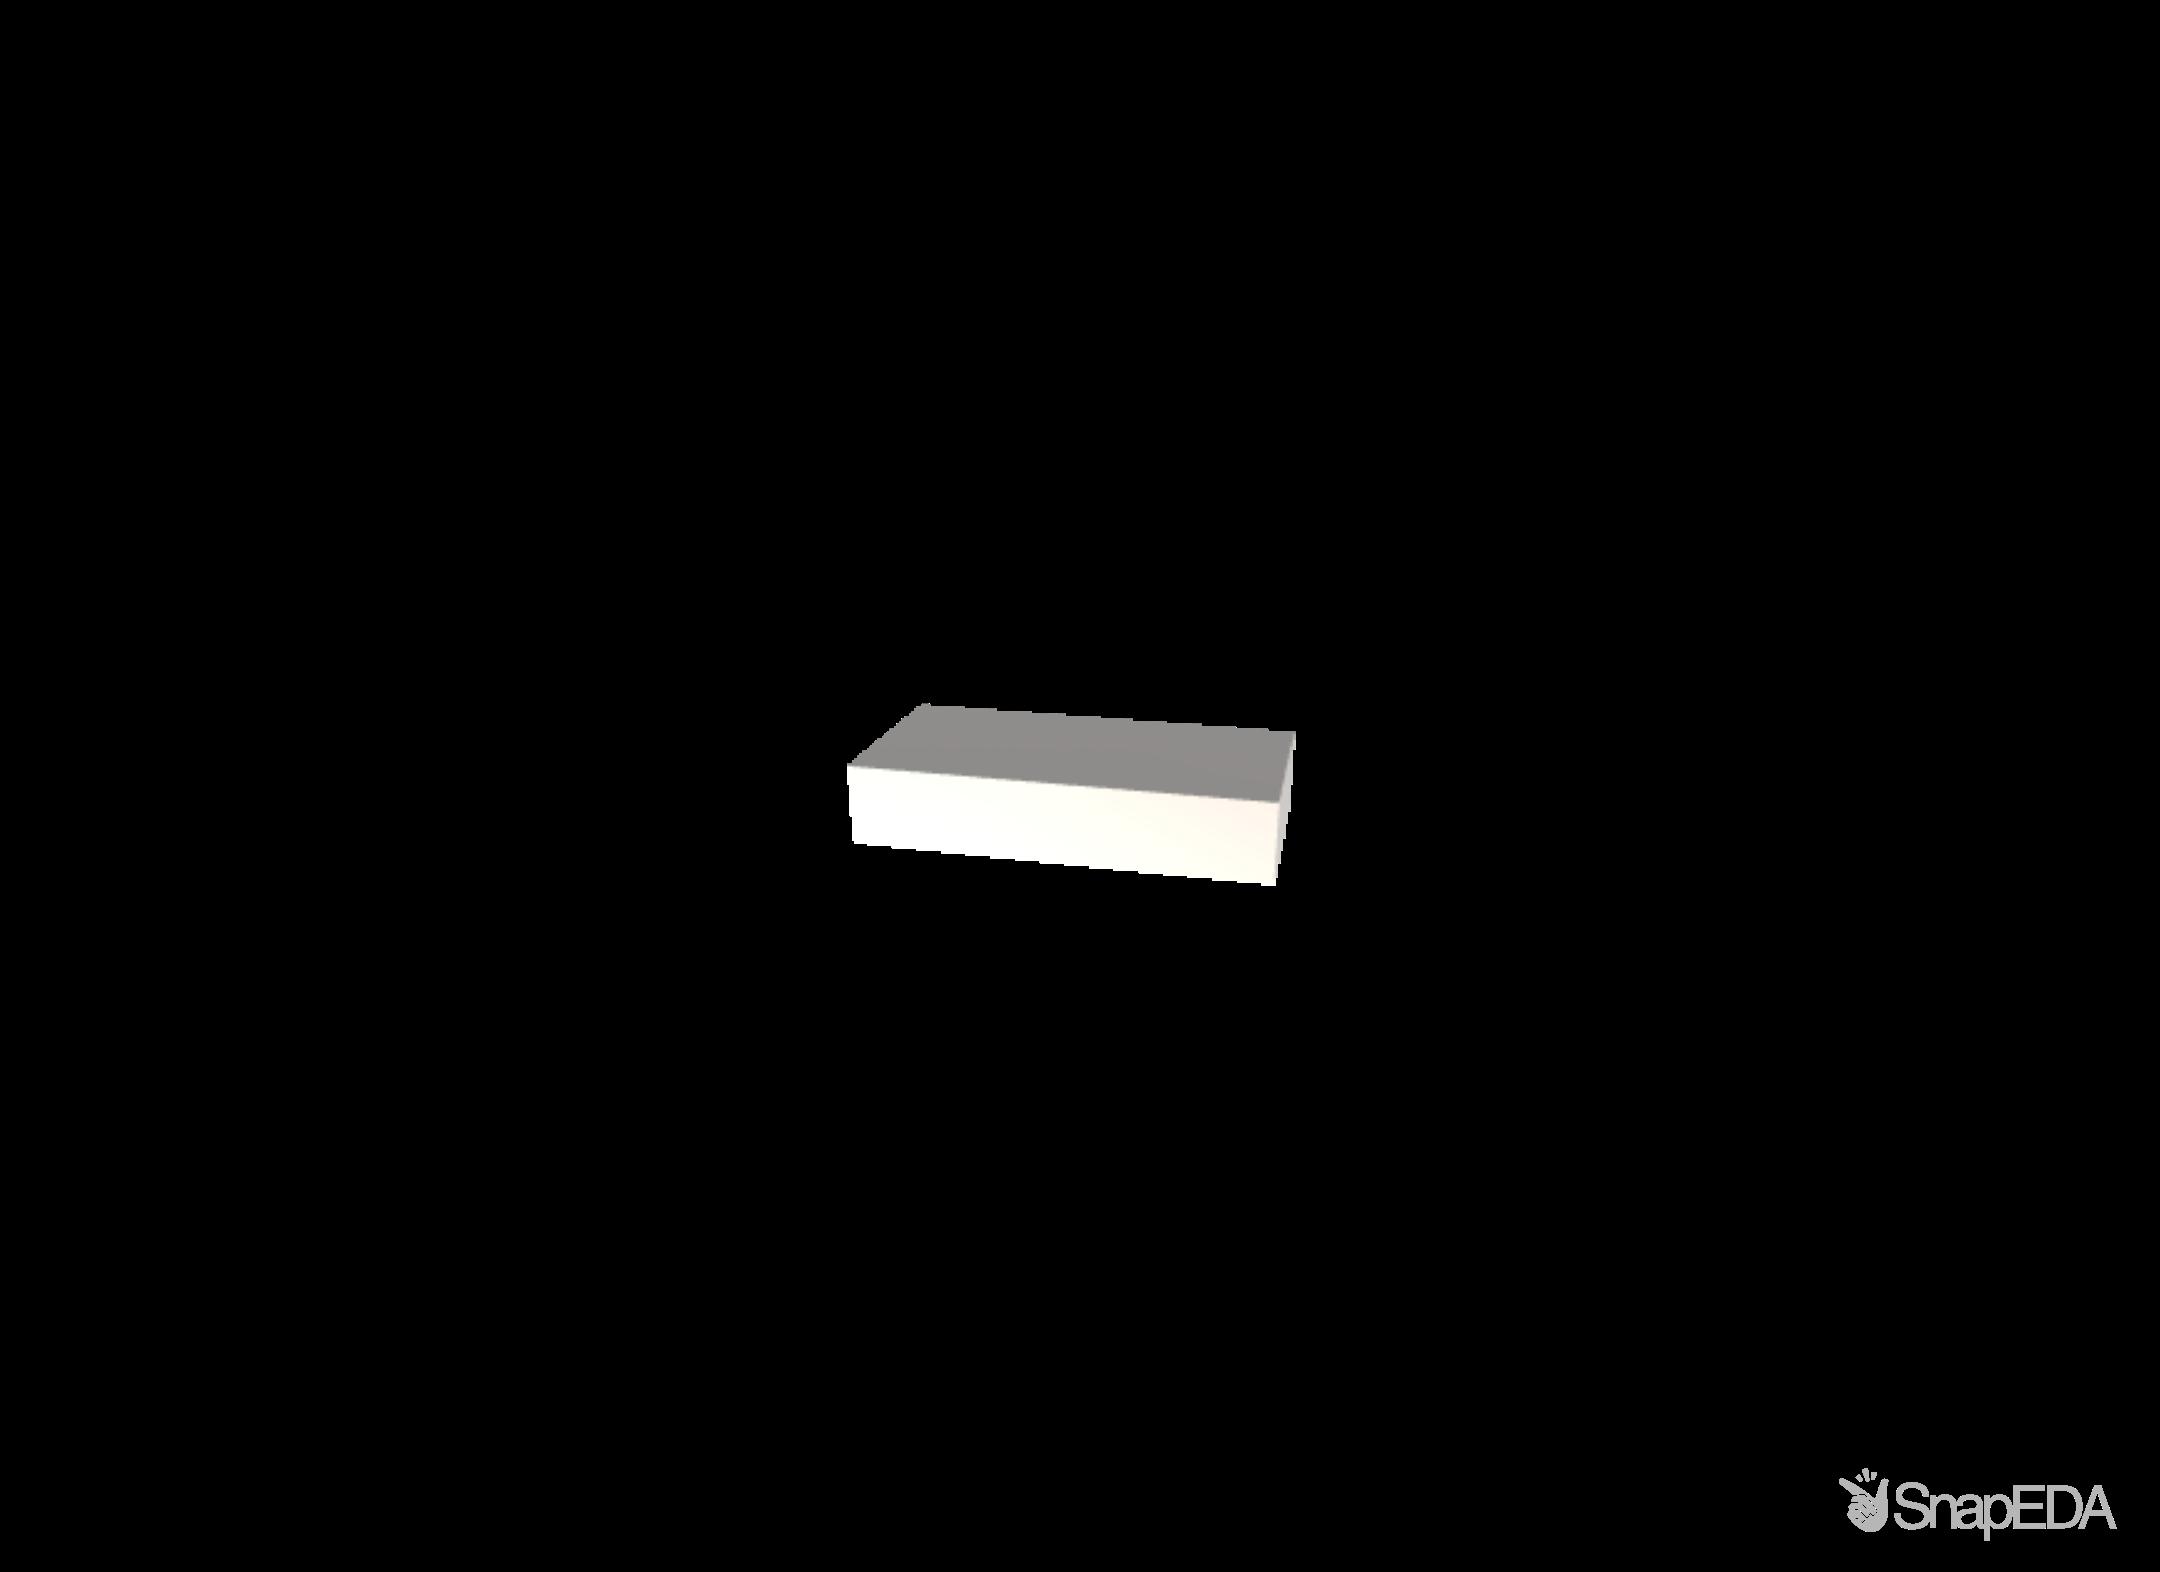 RNCP1206FTD1K00 3D Model